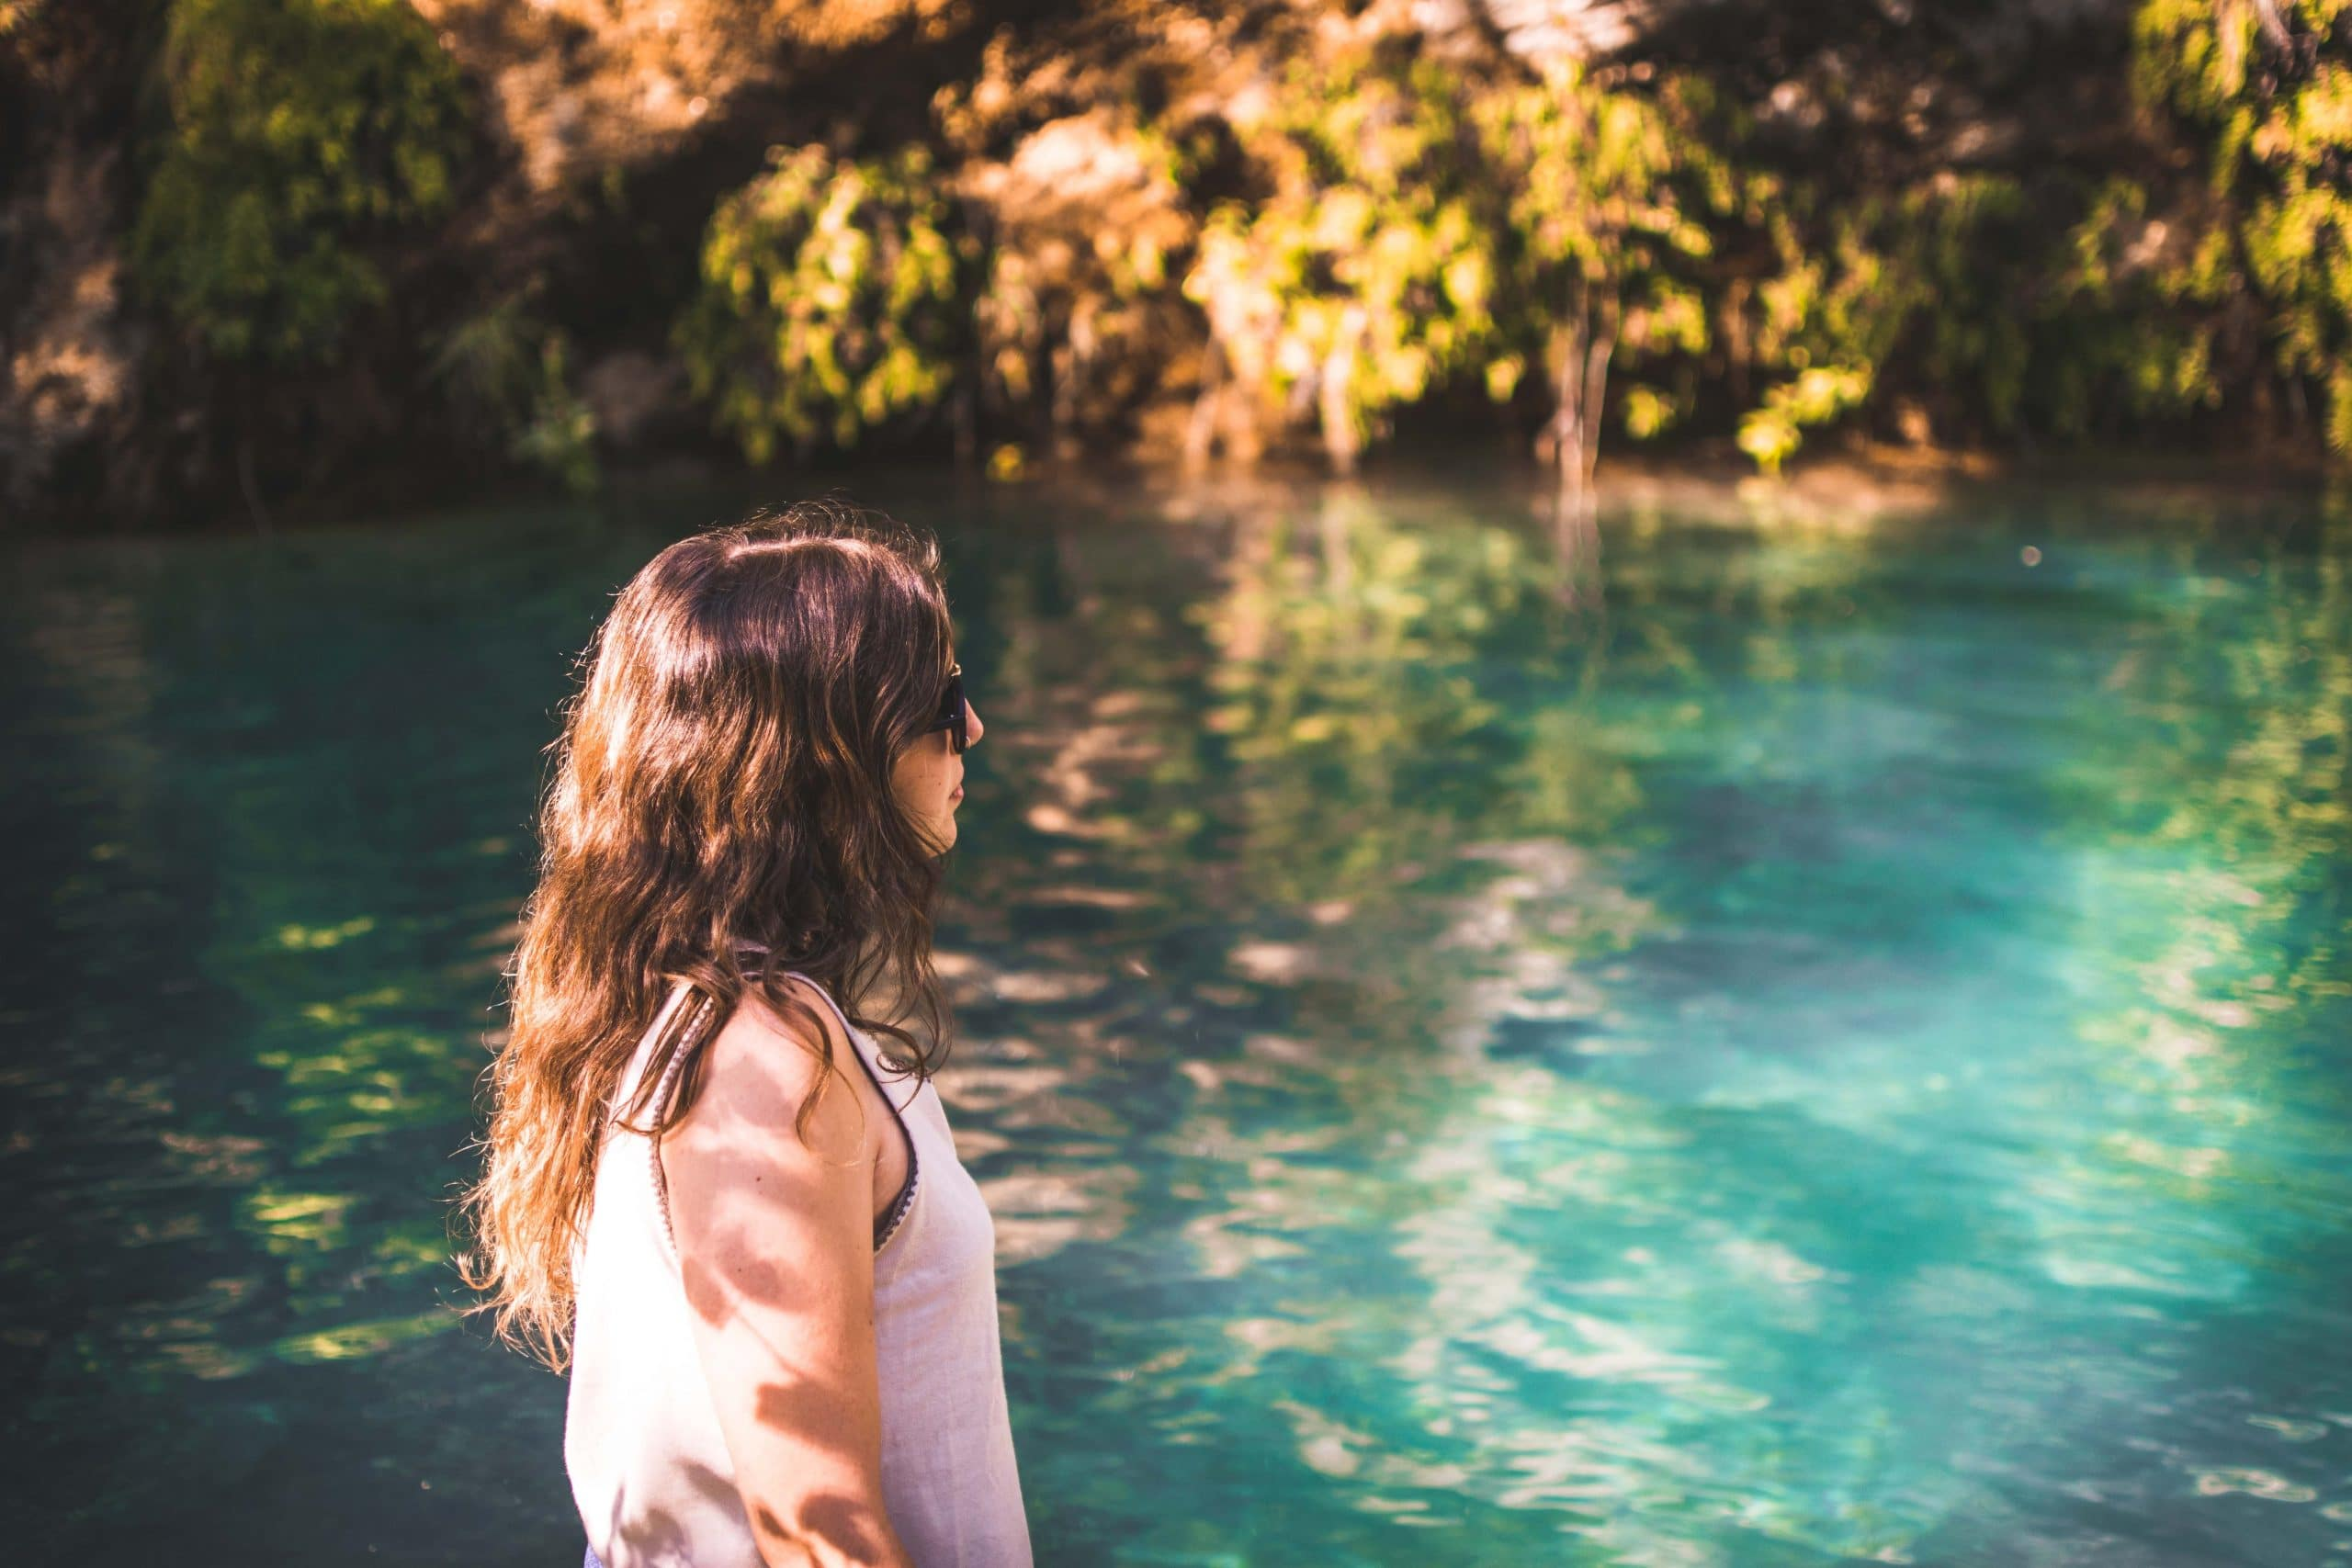 Mulher ao lado de um lago.